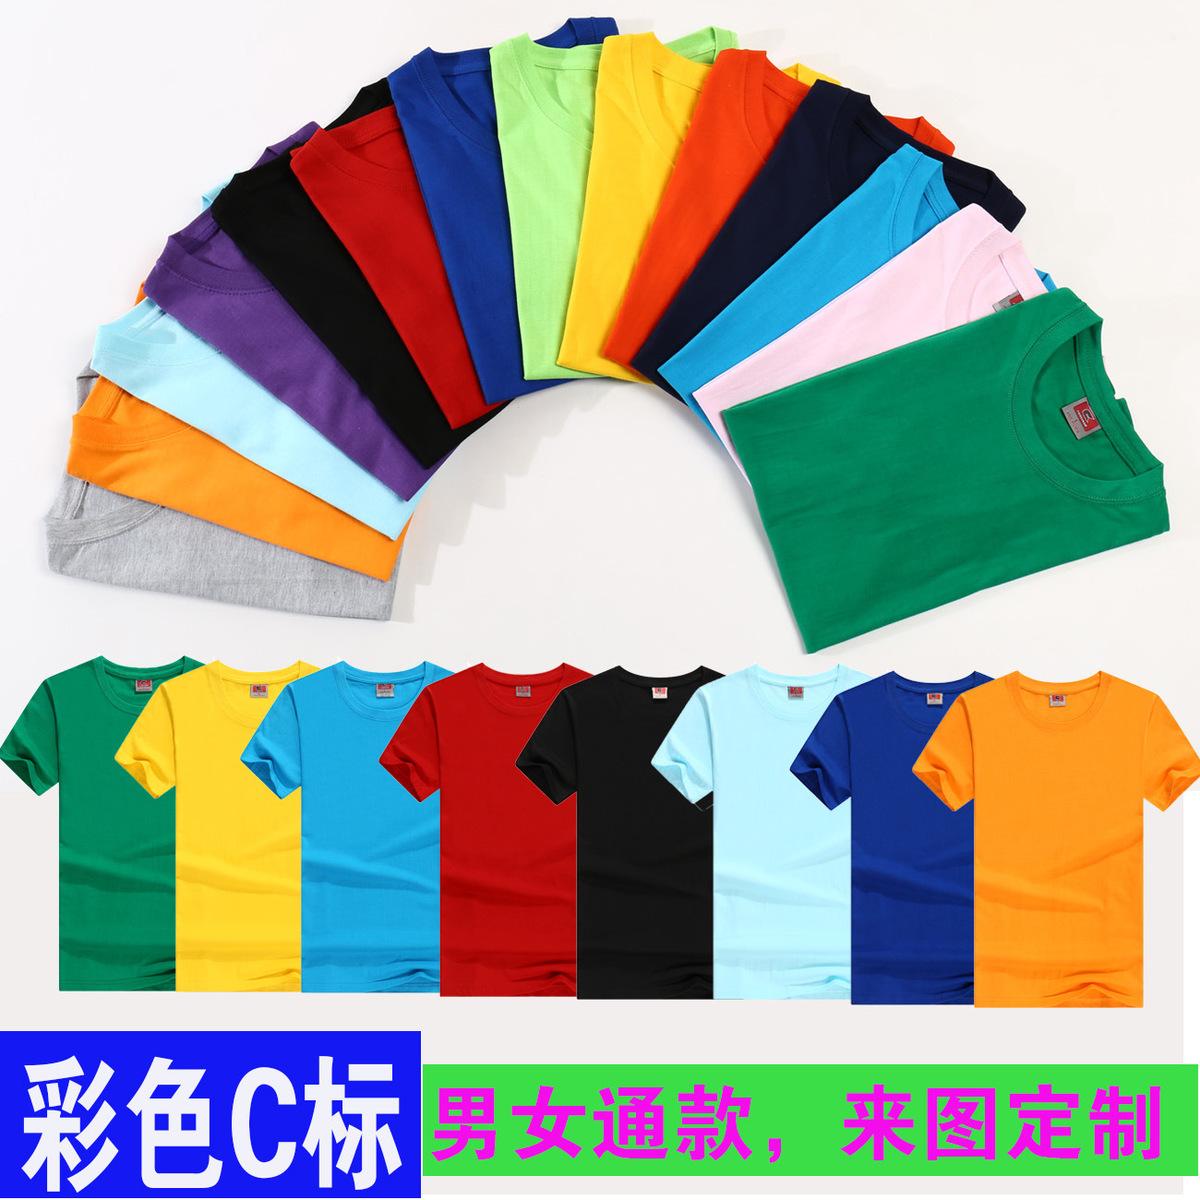 彩色C标纯棉T恤短袖圆领广告文化衫工作服班服定制印字LOGO包邮